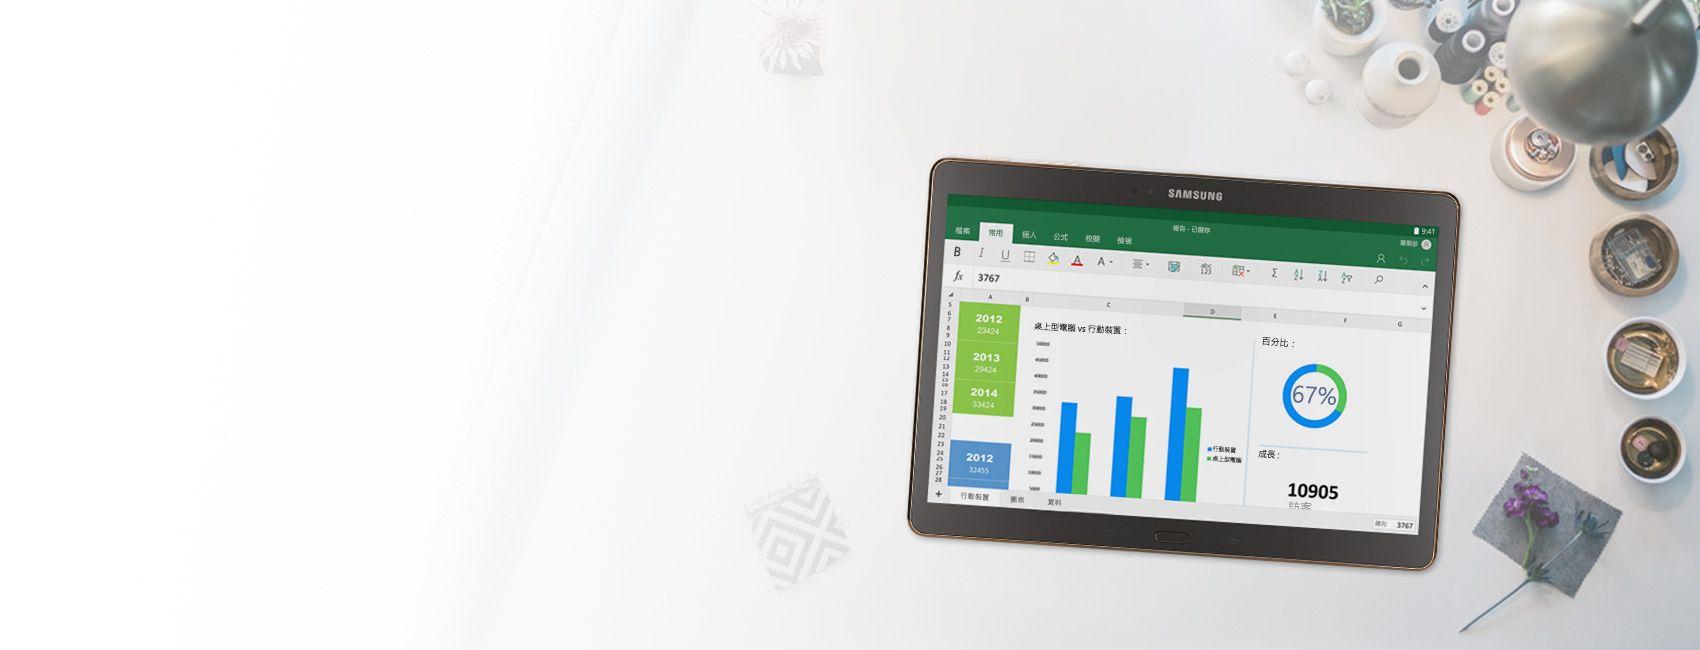 顯示 Excel 報表圖表的平板電腦